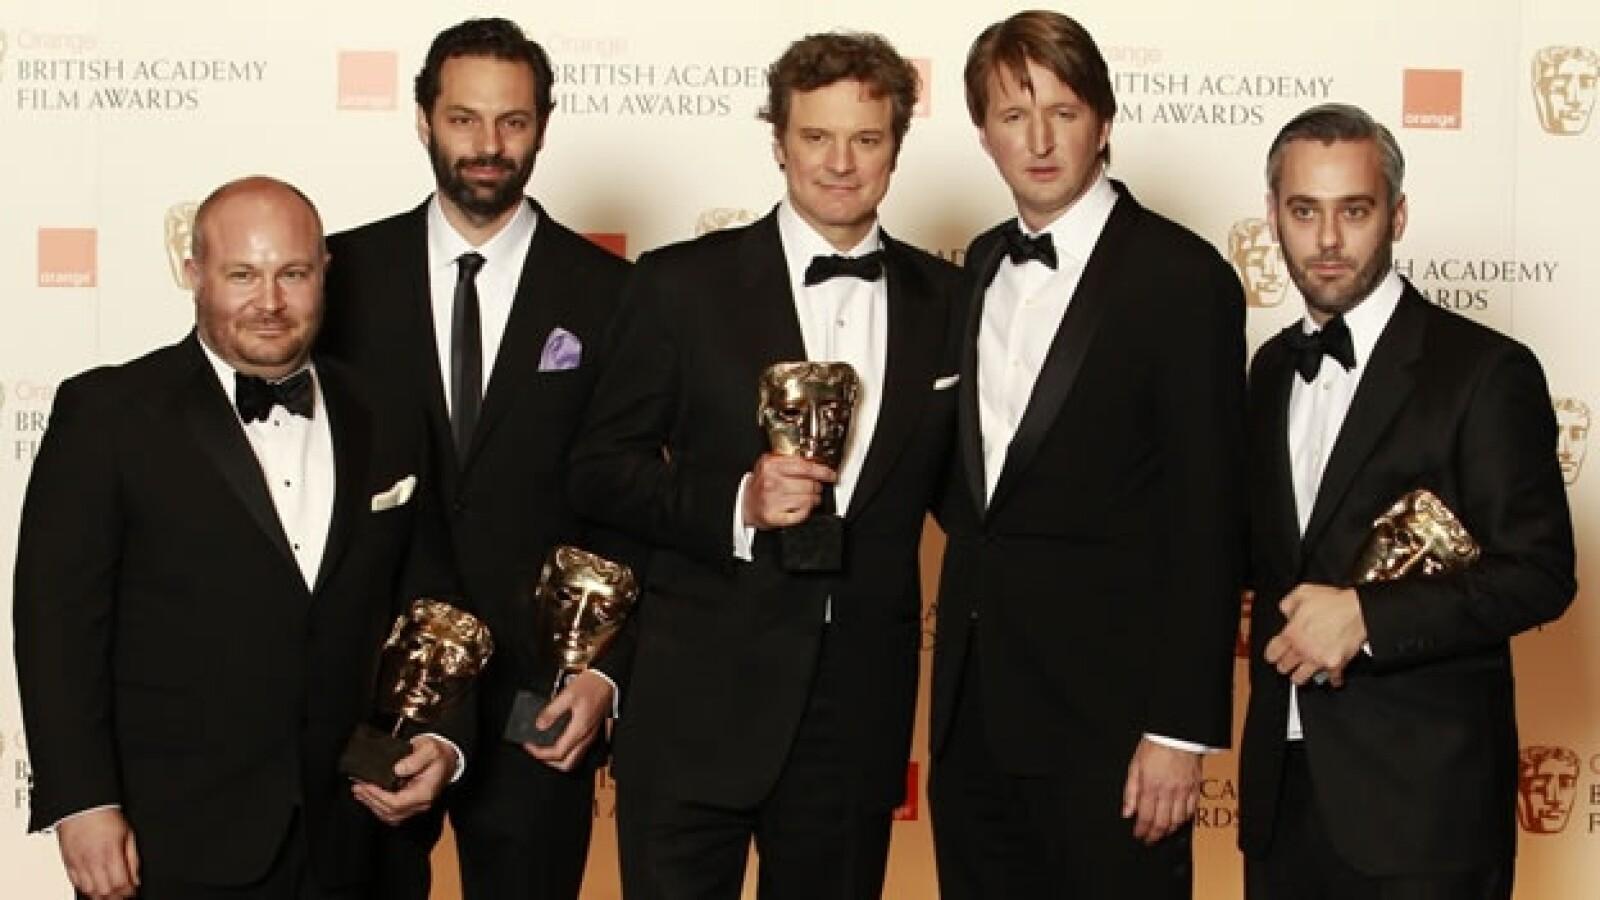 El discurso del rey BAFTA